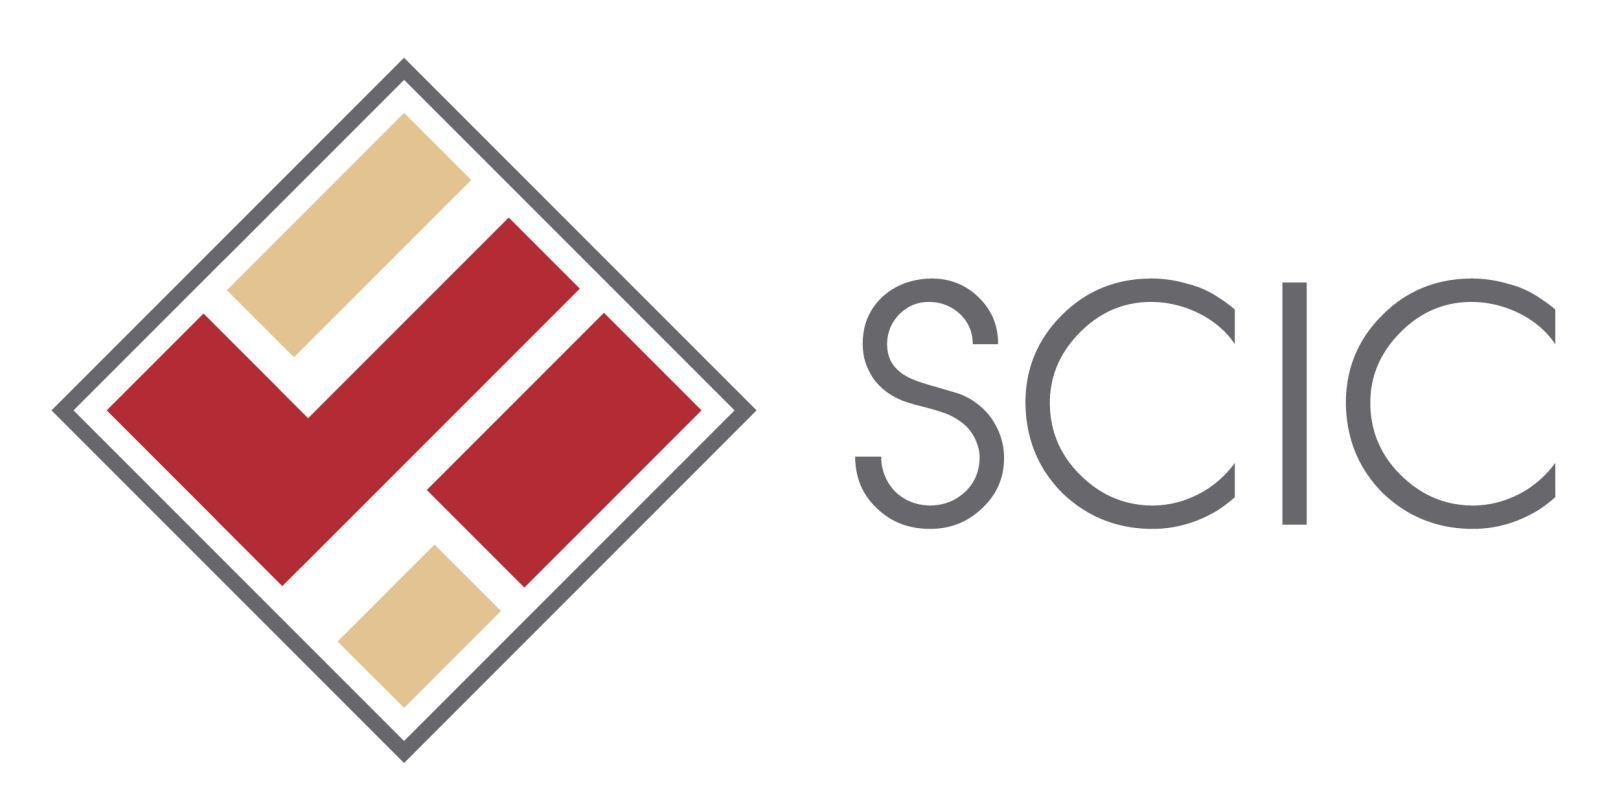 Tổng công ty Đầu tư và Kinh doanh vốn nhà nước (State Capital Investment Corporation – SCIC) là gì? - Ảnh 1.